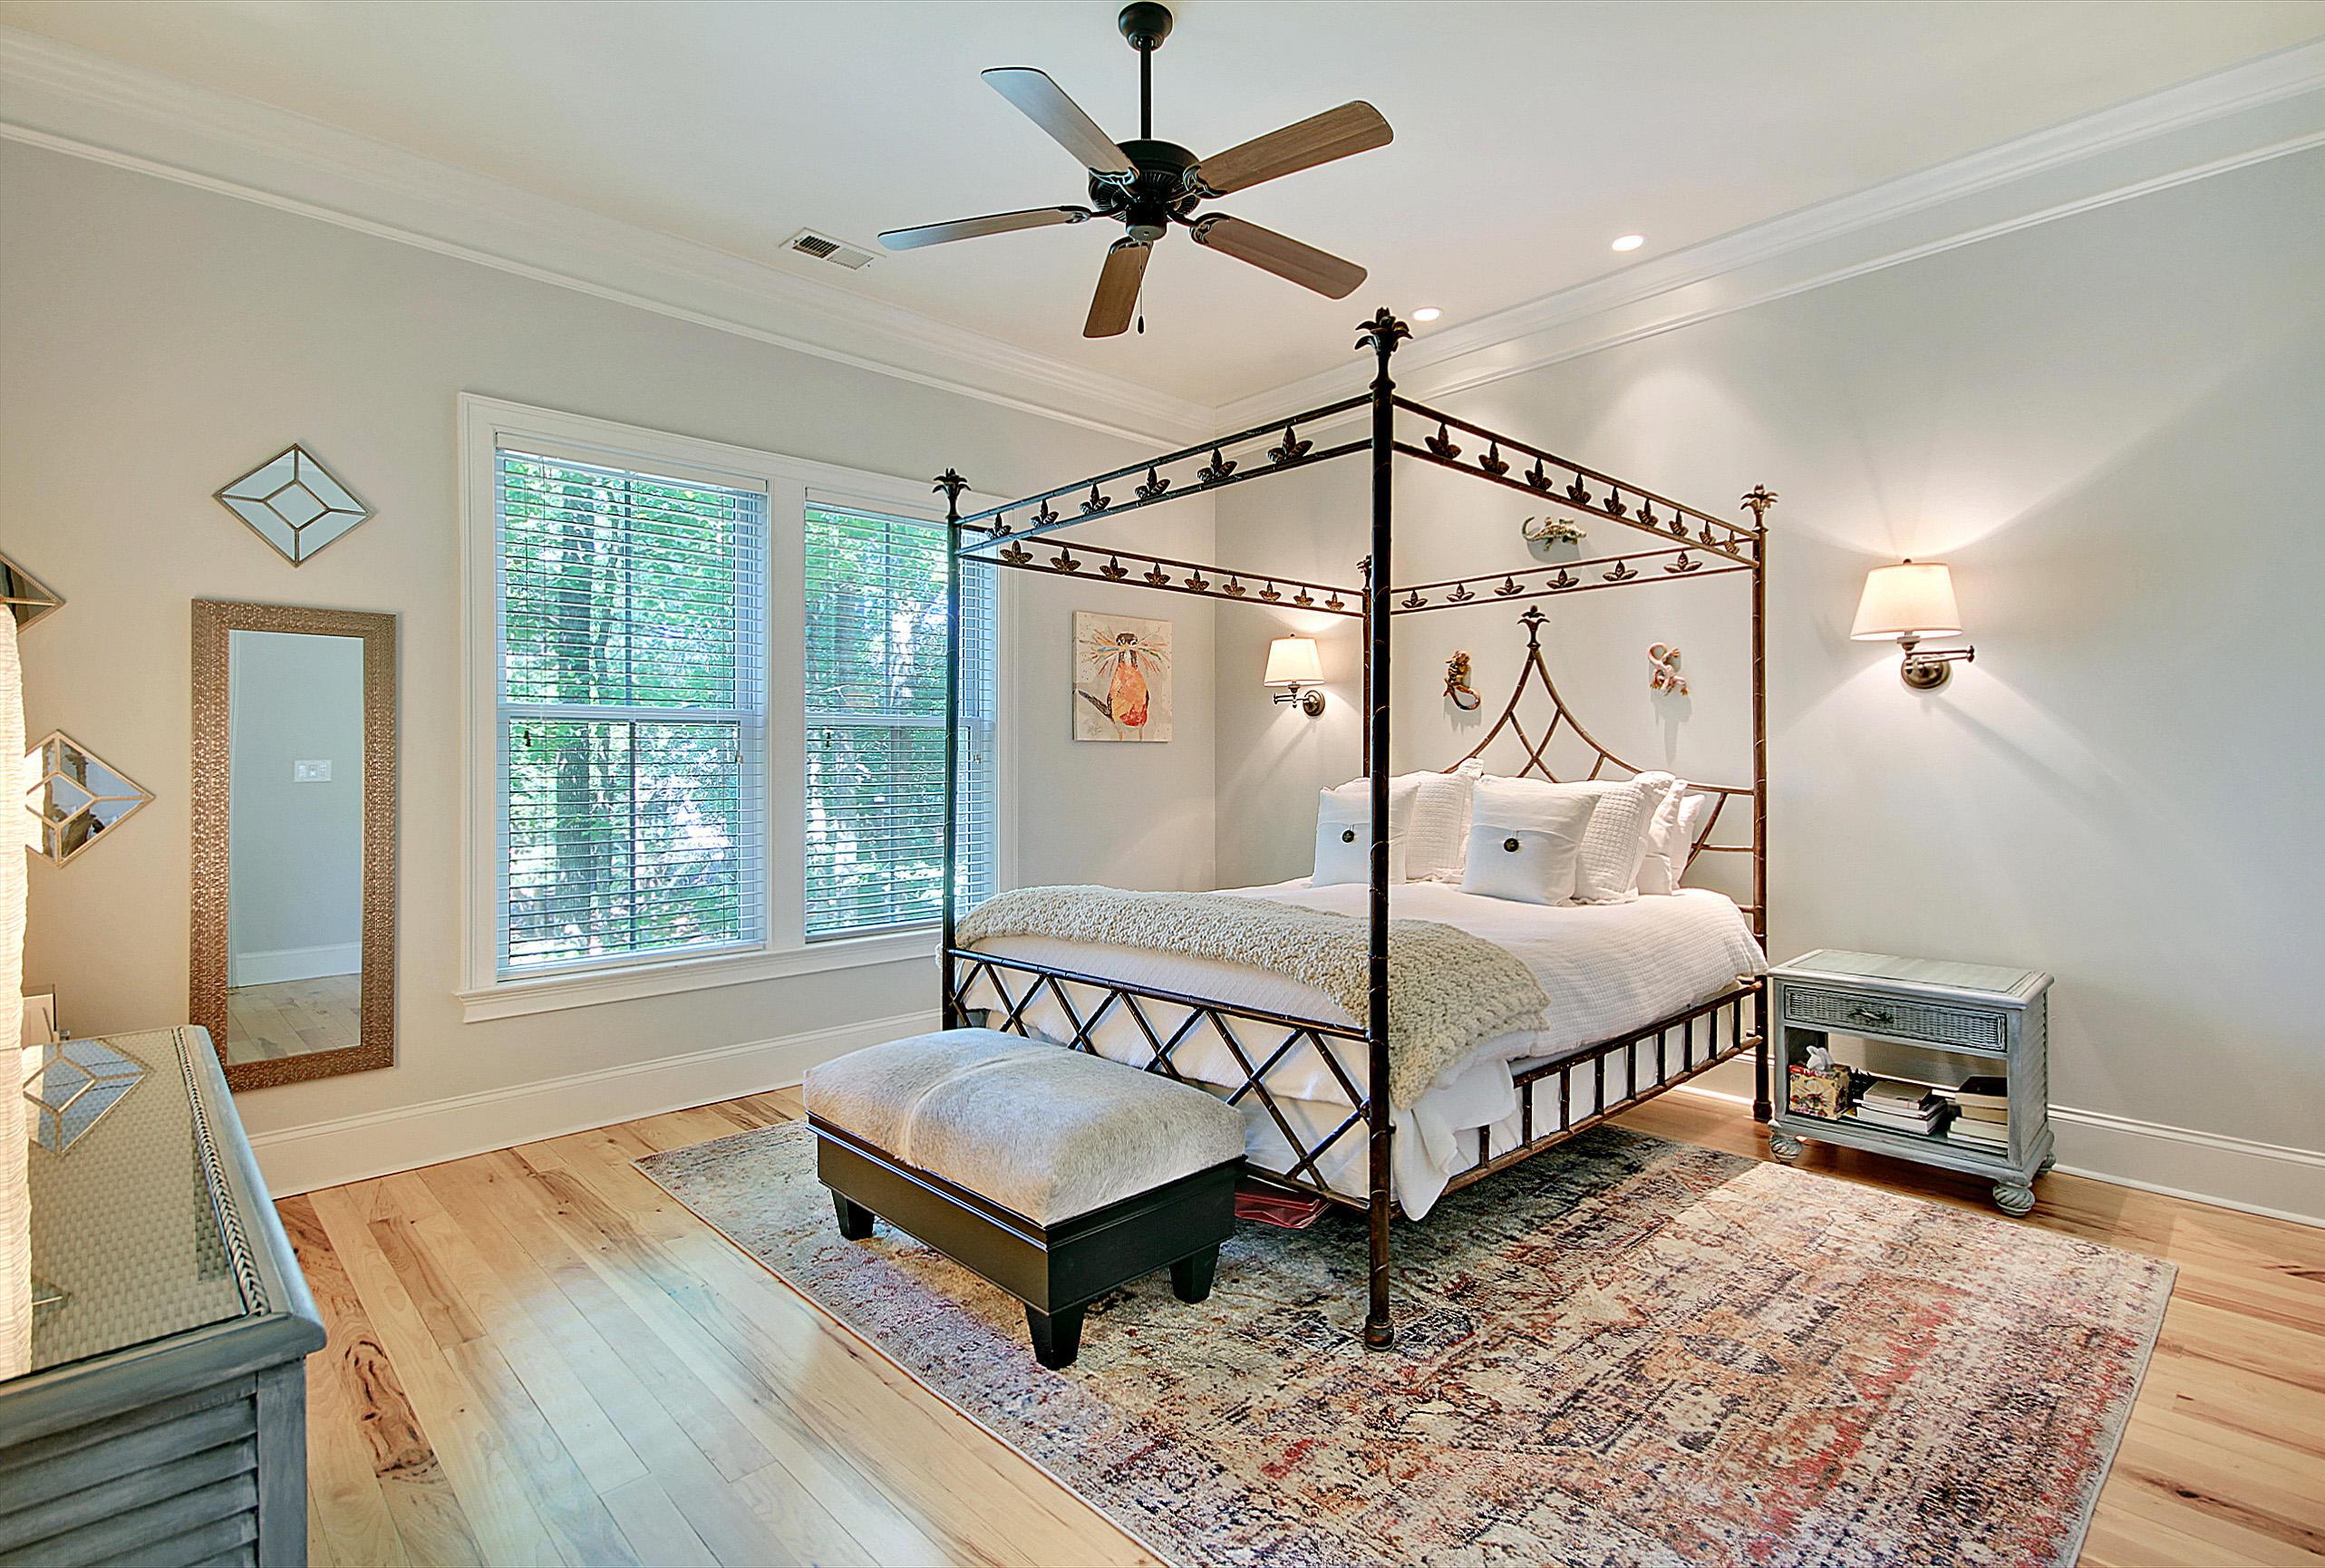 Park West Homes For Sale - 1596 Capel, Mount Pleasant, SC - 3